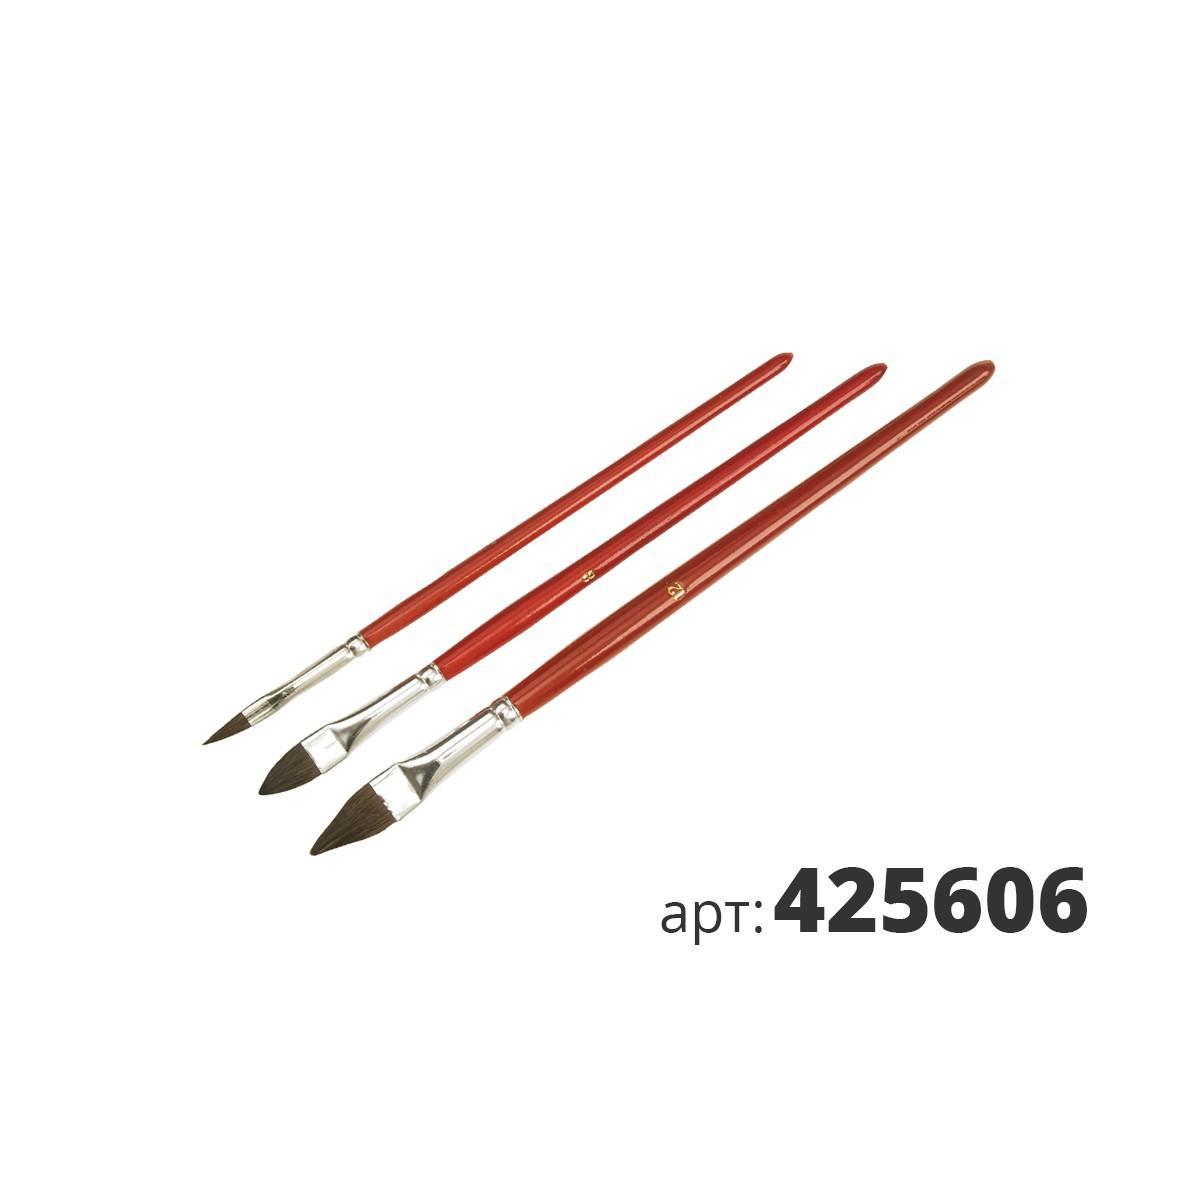 МАКО кисти реставрационные, высококачественная смесь щетины 425606